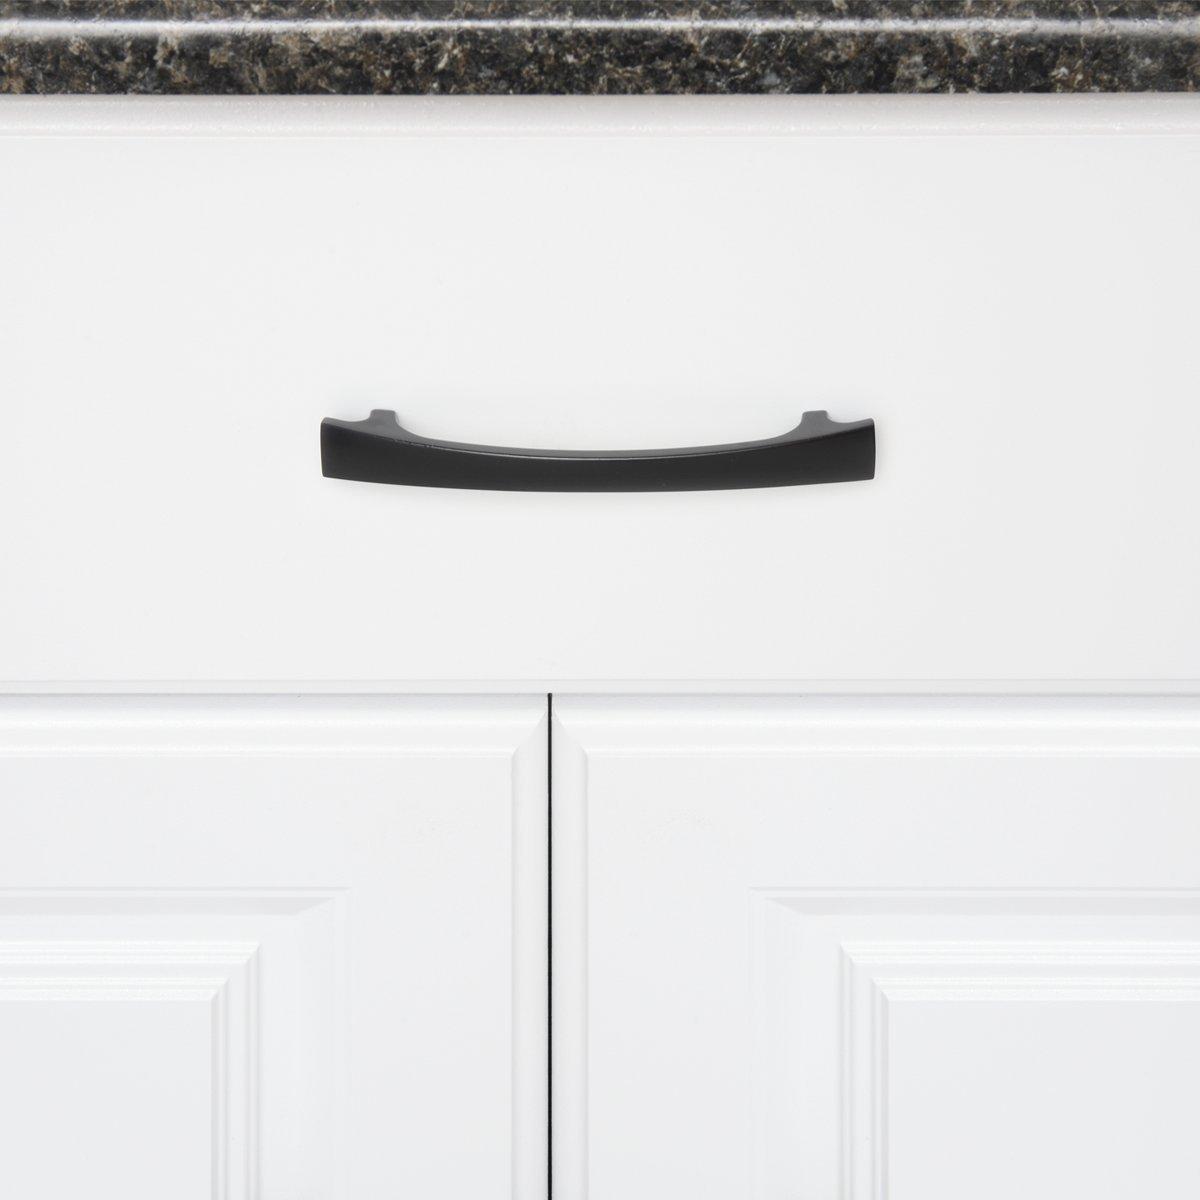 Bronce antiguo curvado y grueso para armario Basics Tirador moderno Paquete de 10 16,51 cm de longitud centro del orificio de 12,7 cm